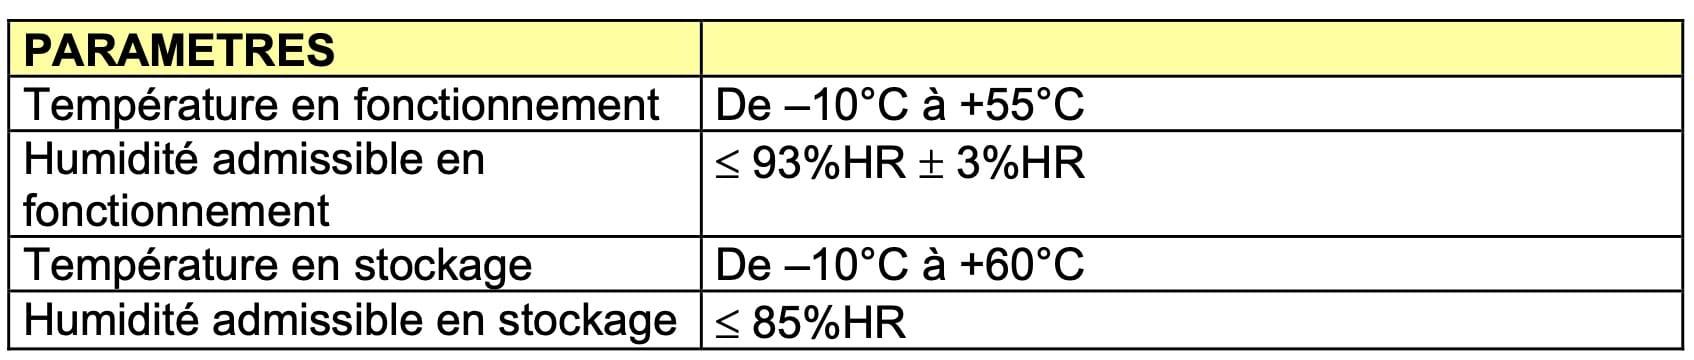 caracteristiques-climatiques-indicateur-action-radio